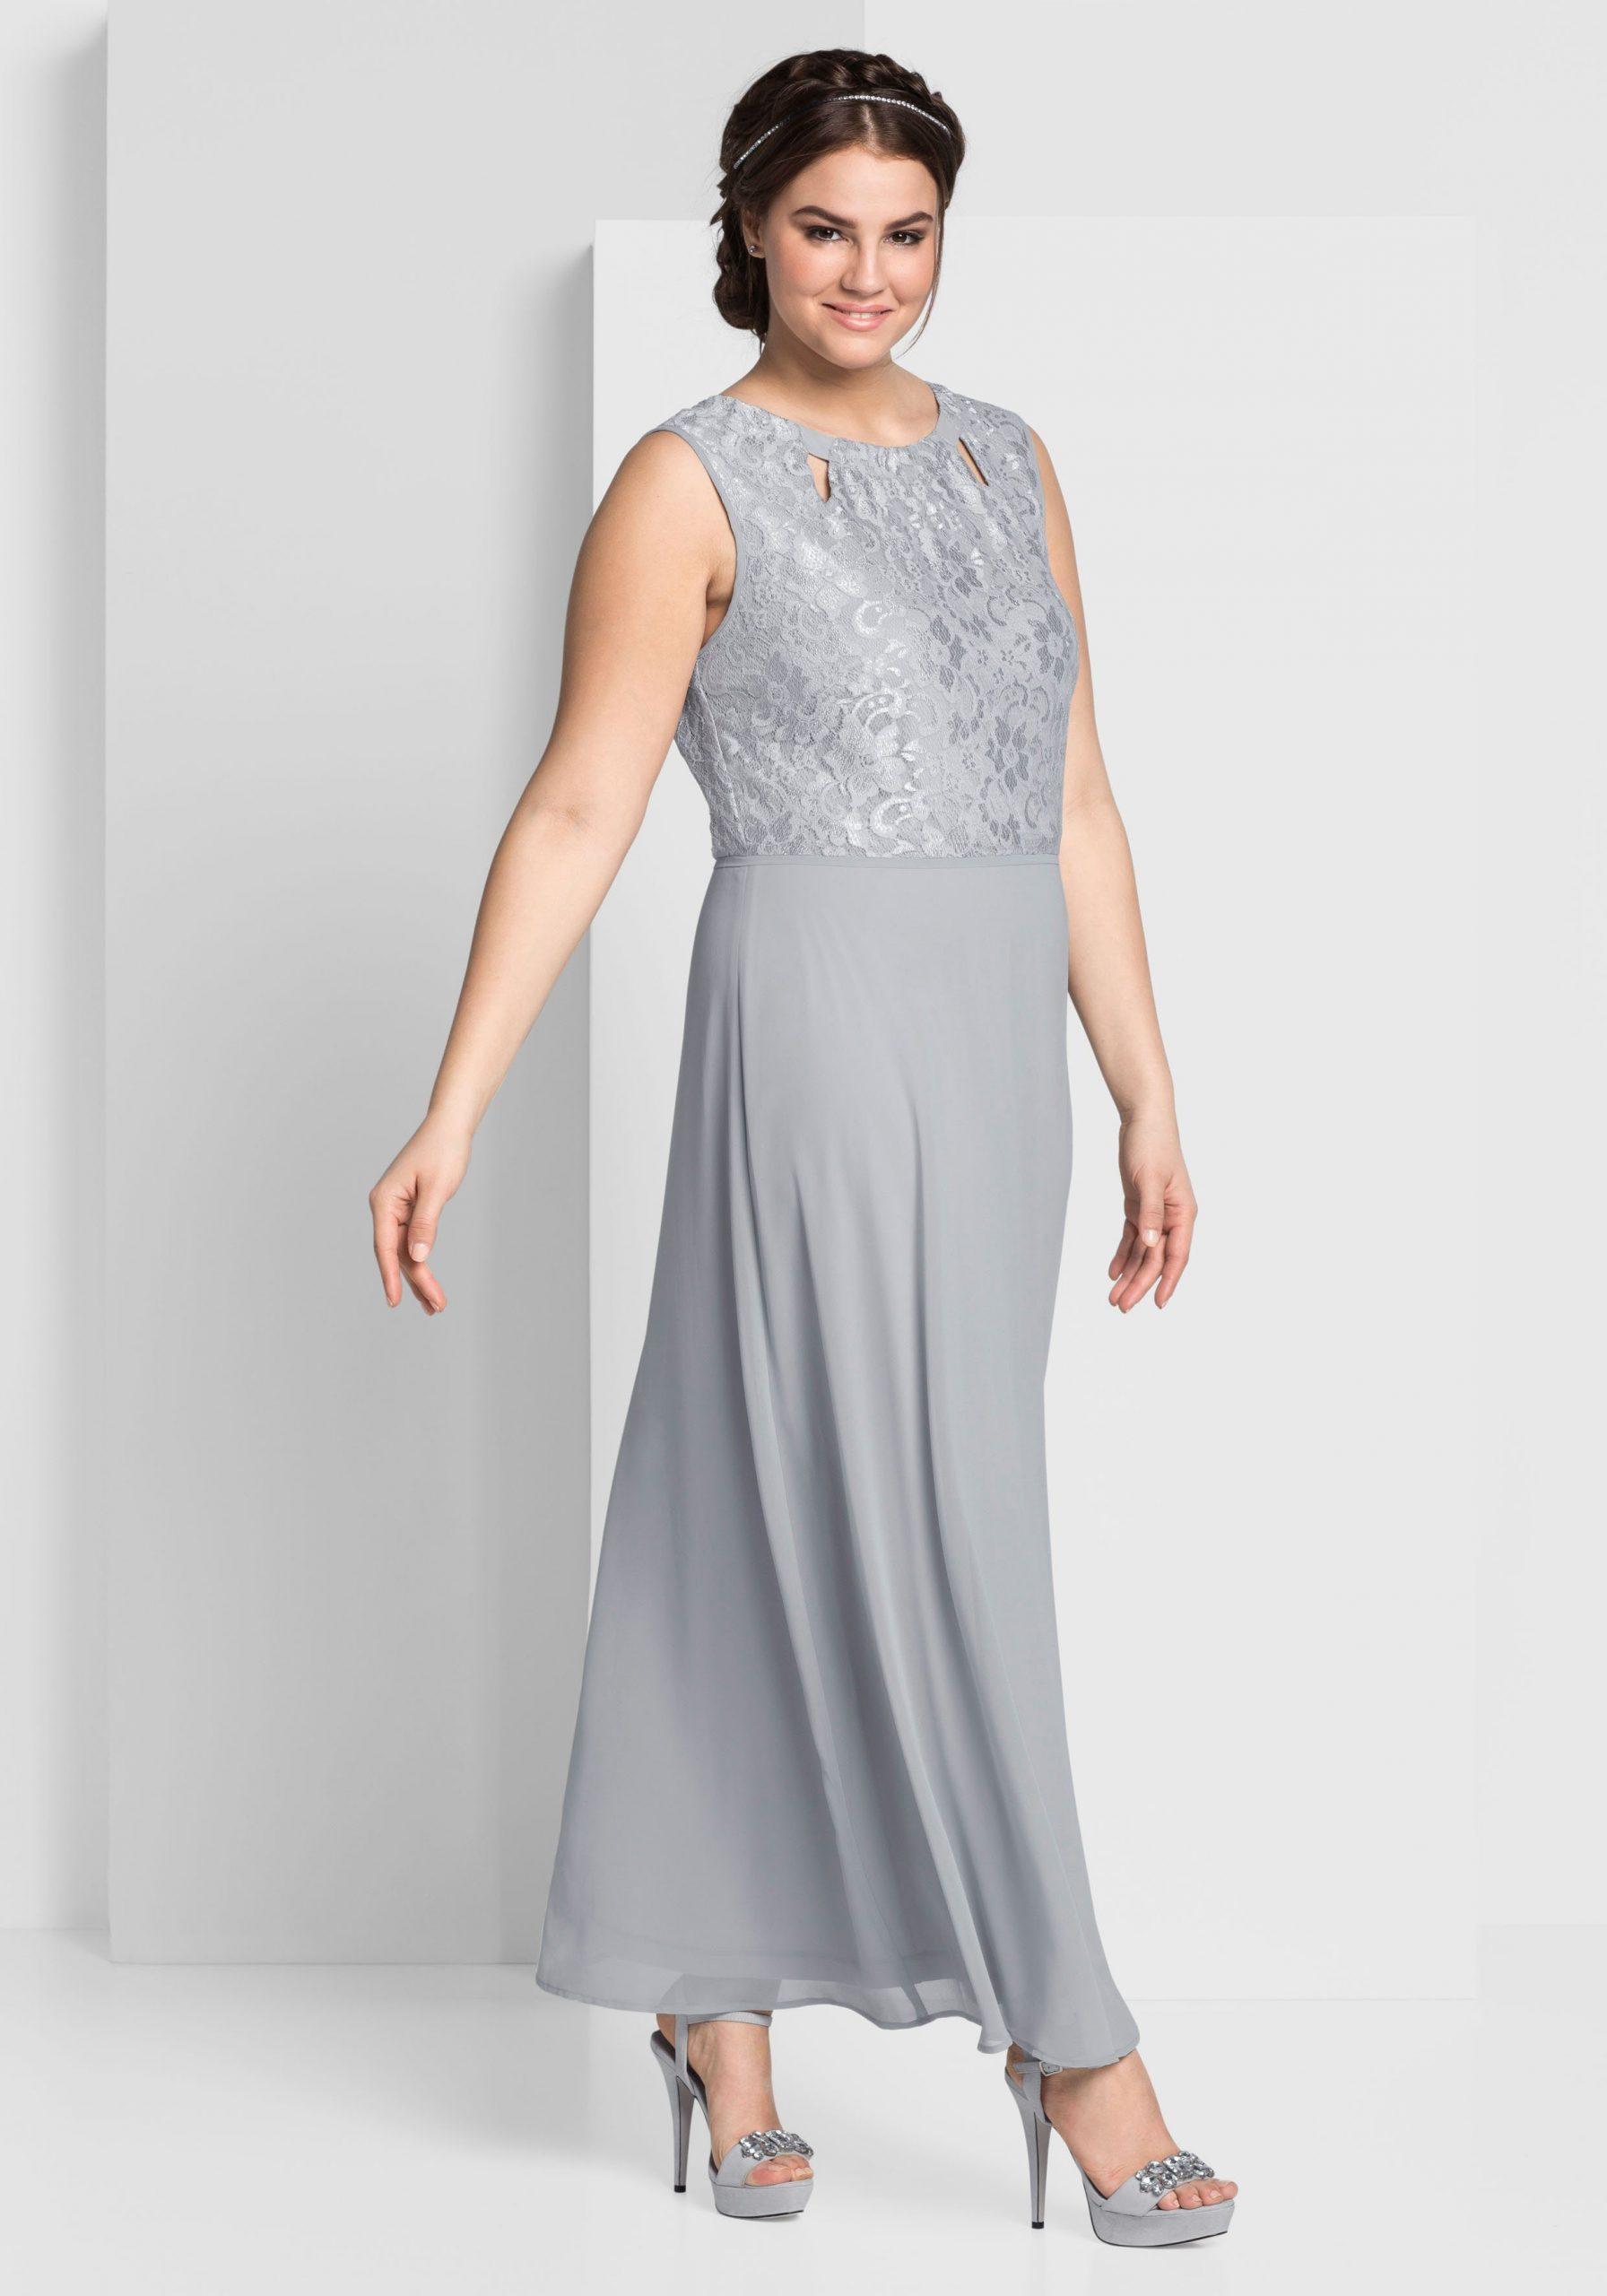 Cool Kaufen Abendkleid SpezialgebietFormal Schön Kaufen Abendkleid Design